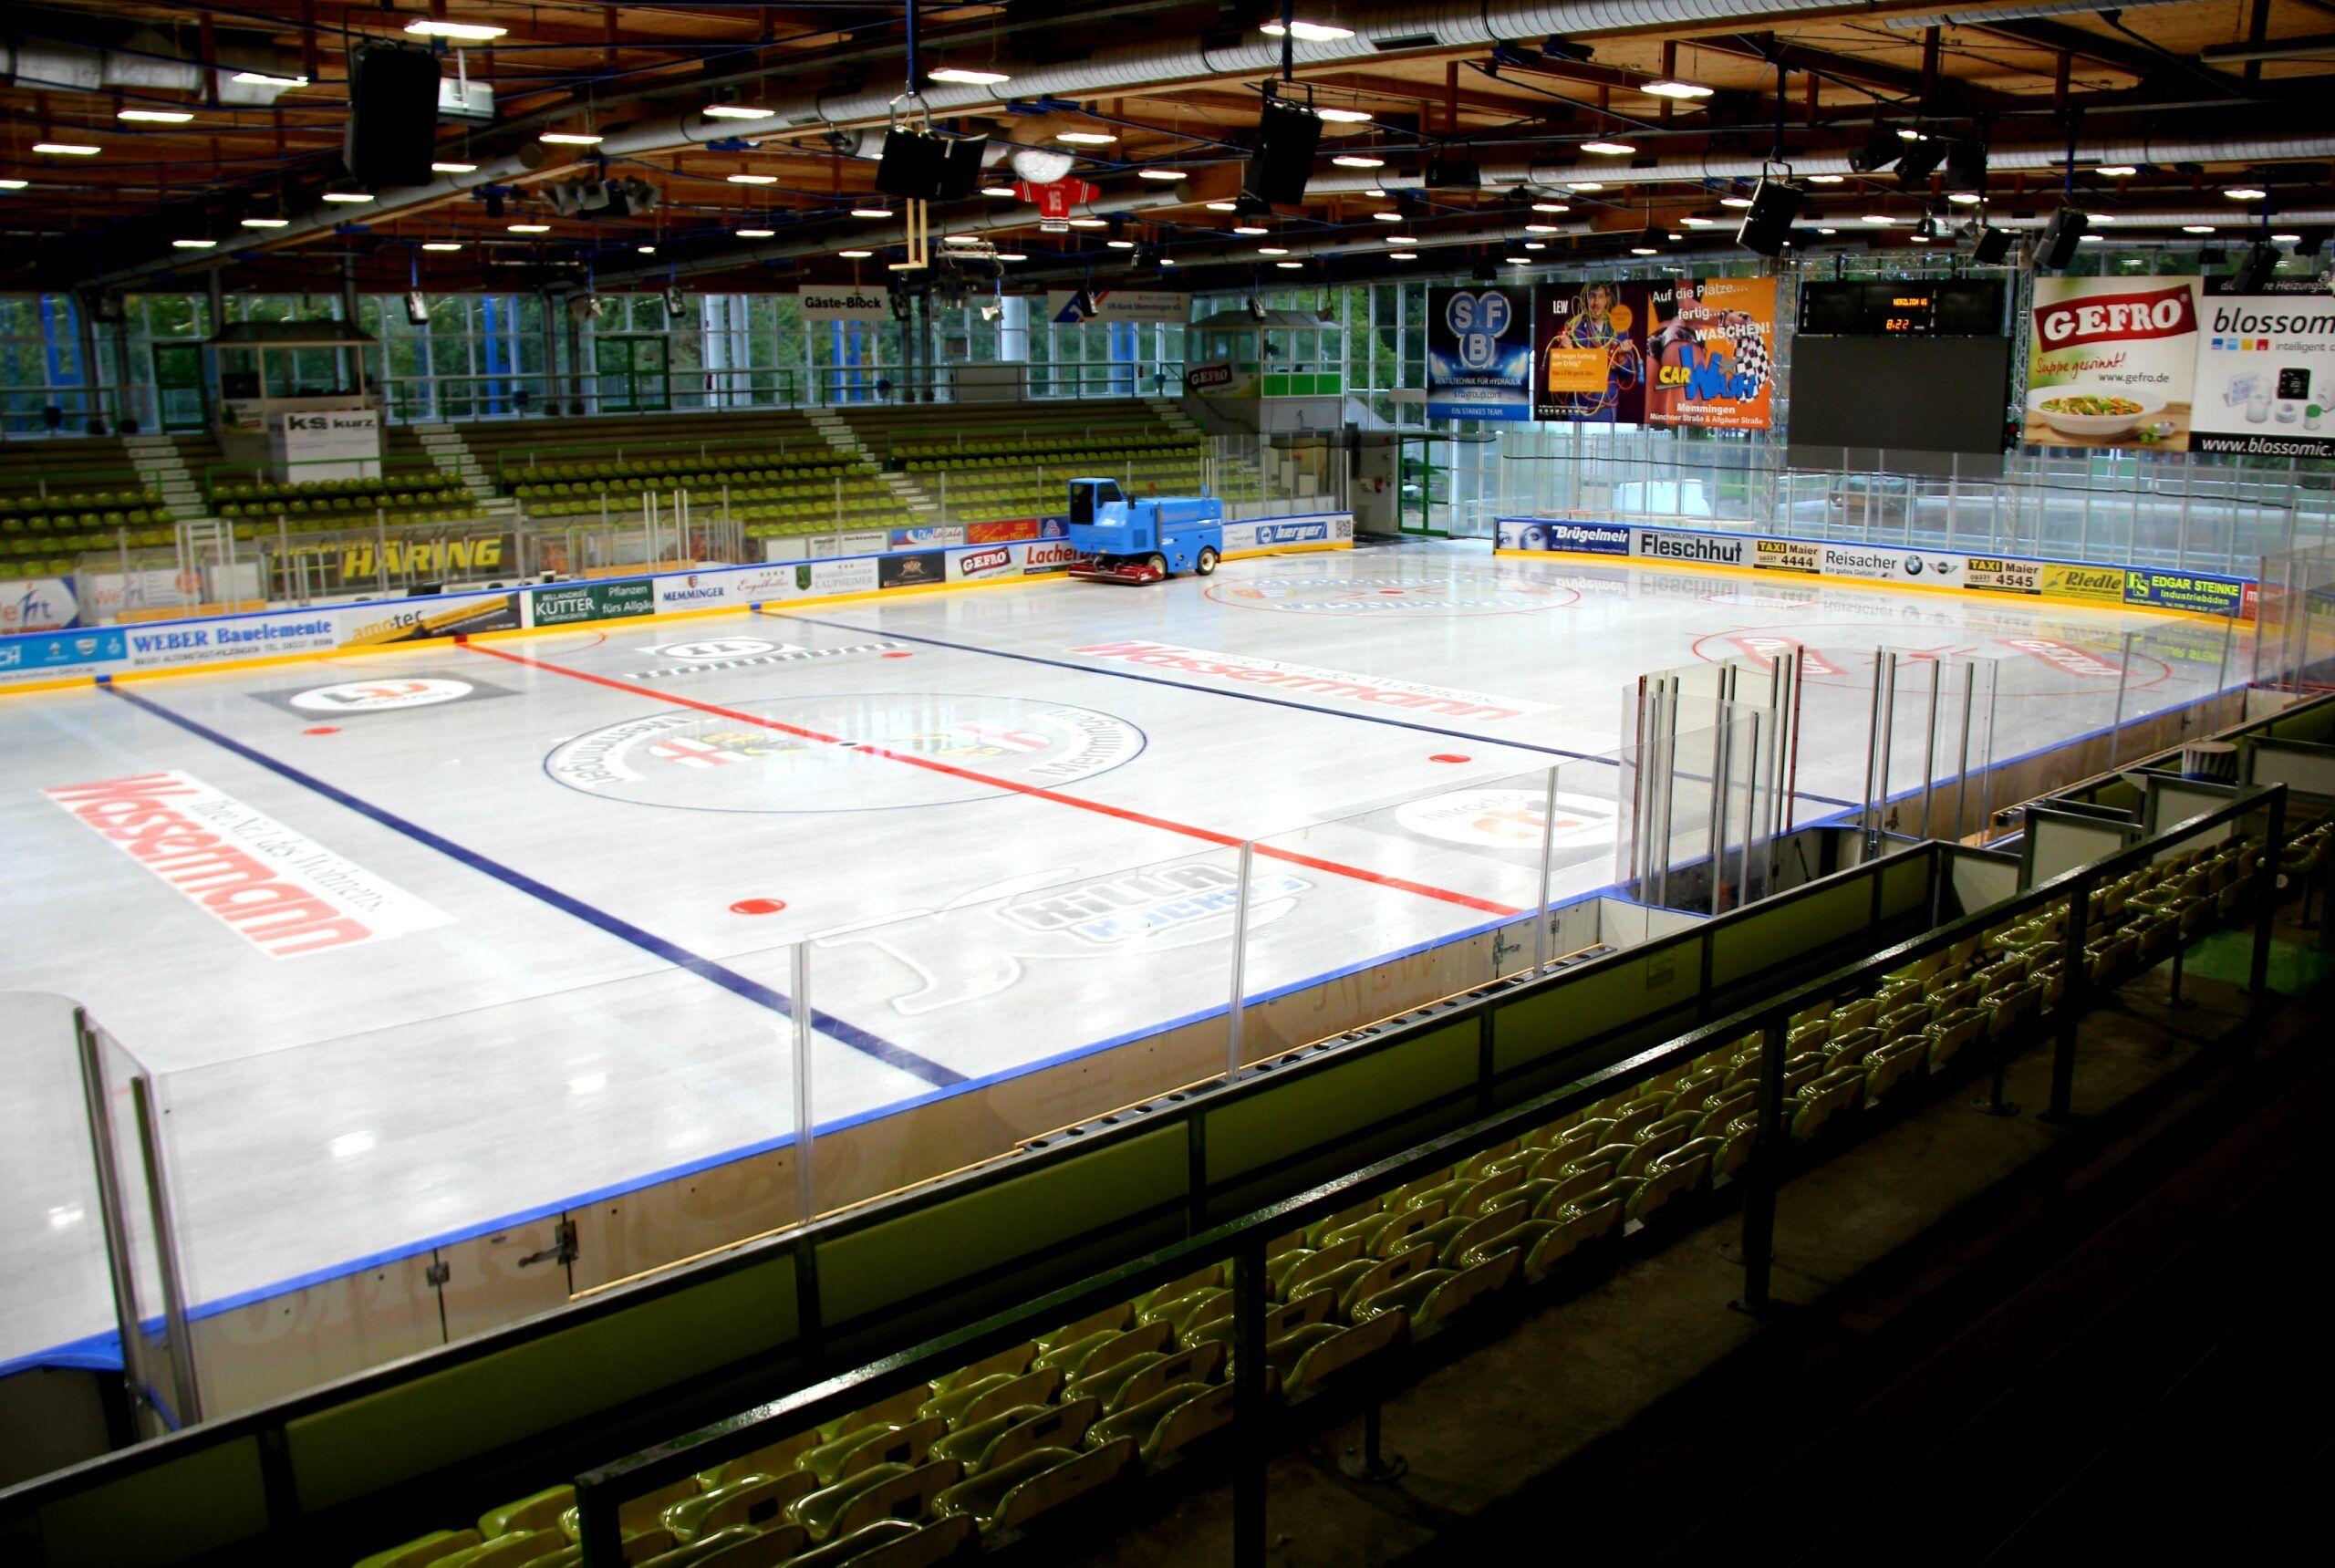 2021 03 05 Eishalle Innen Archivbild Scaled